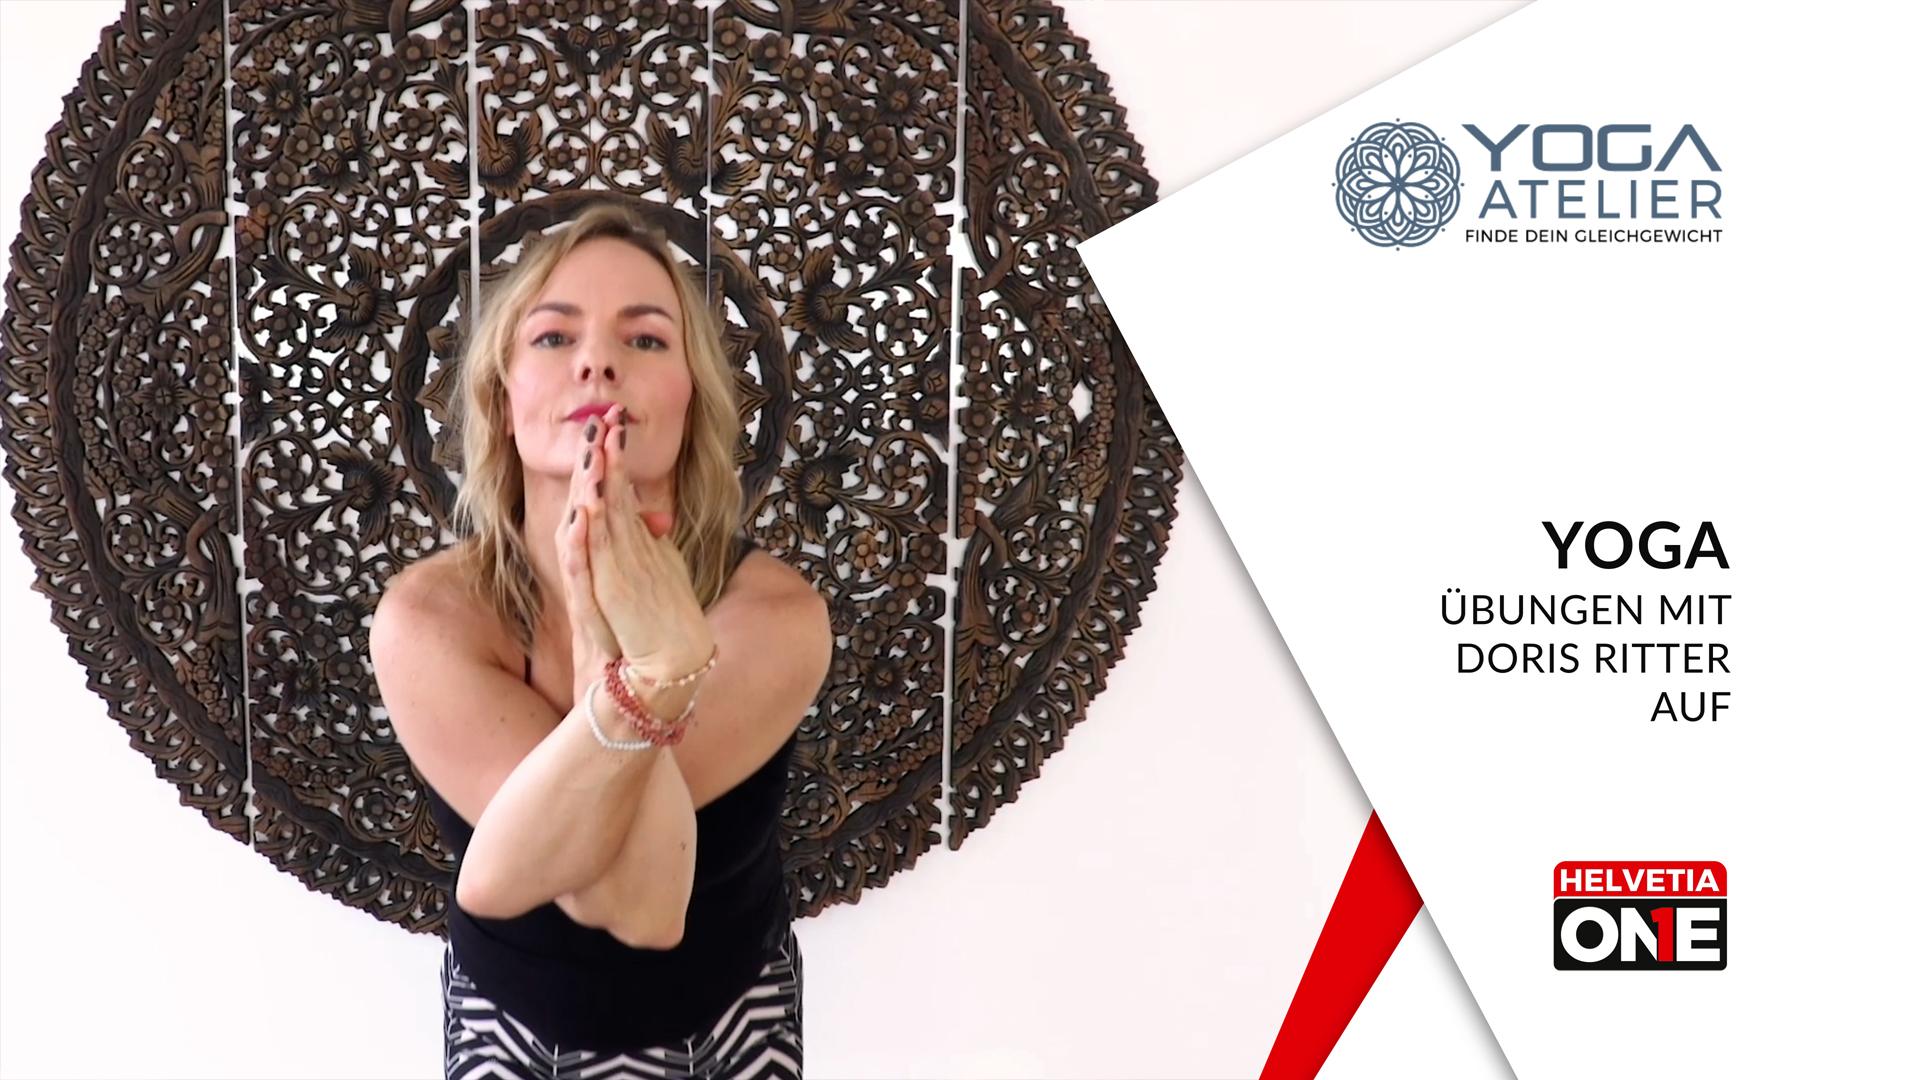 yoga_atelier